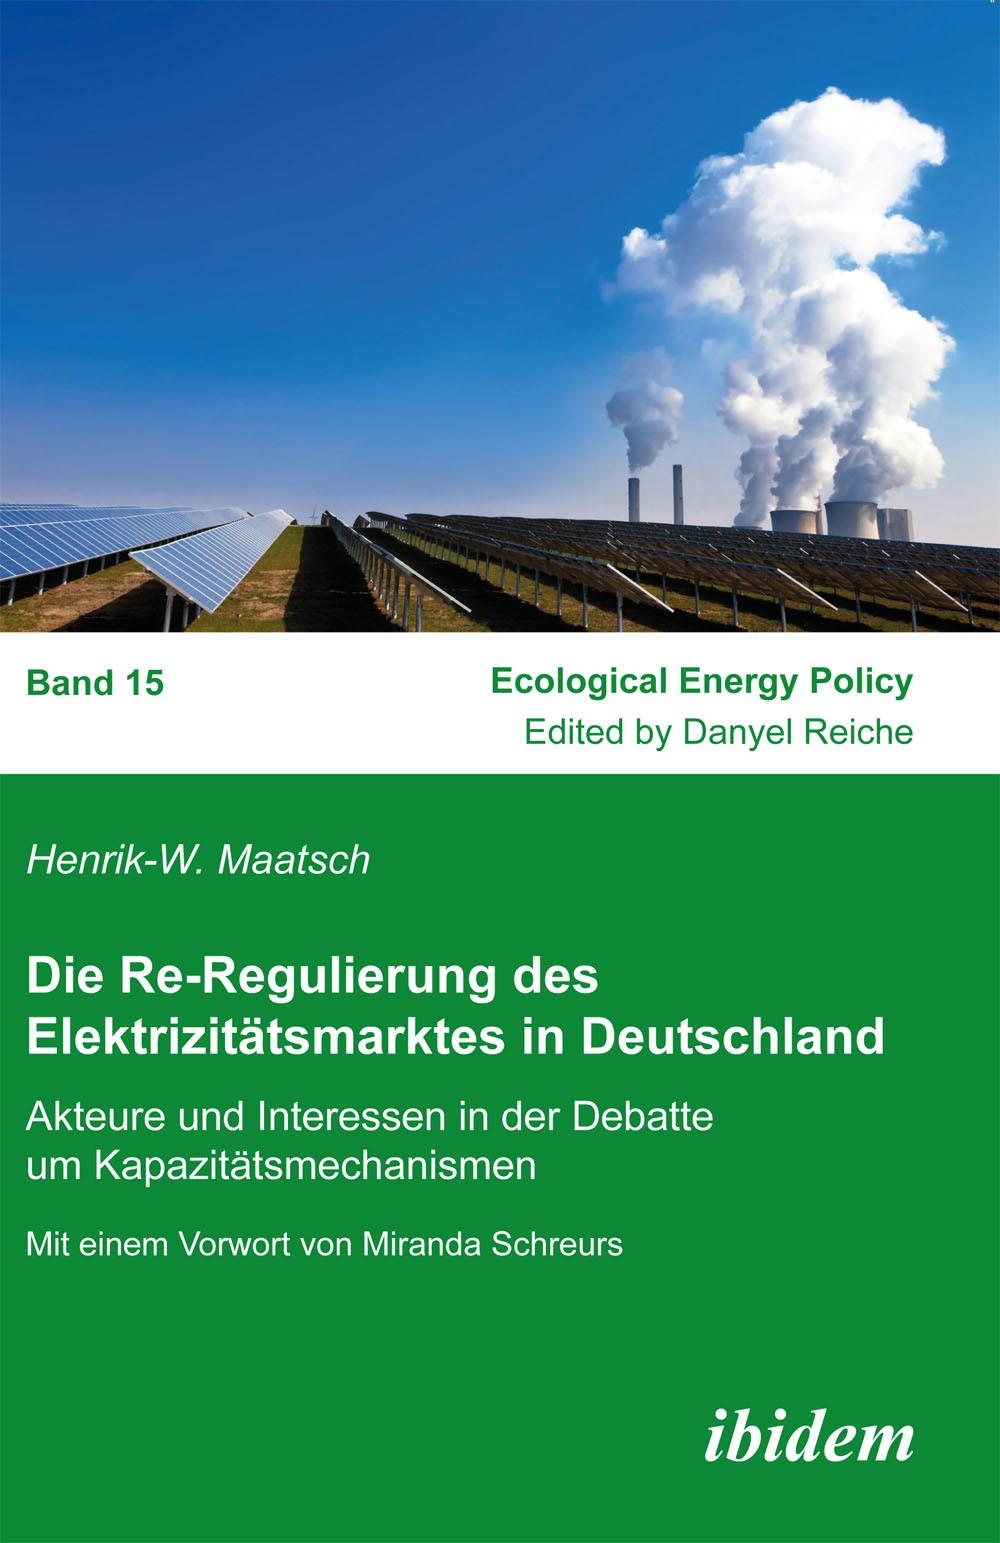 Die Re-Regulierung des Elektrizitätsmarktes in Deutschland